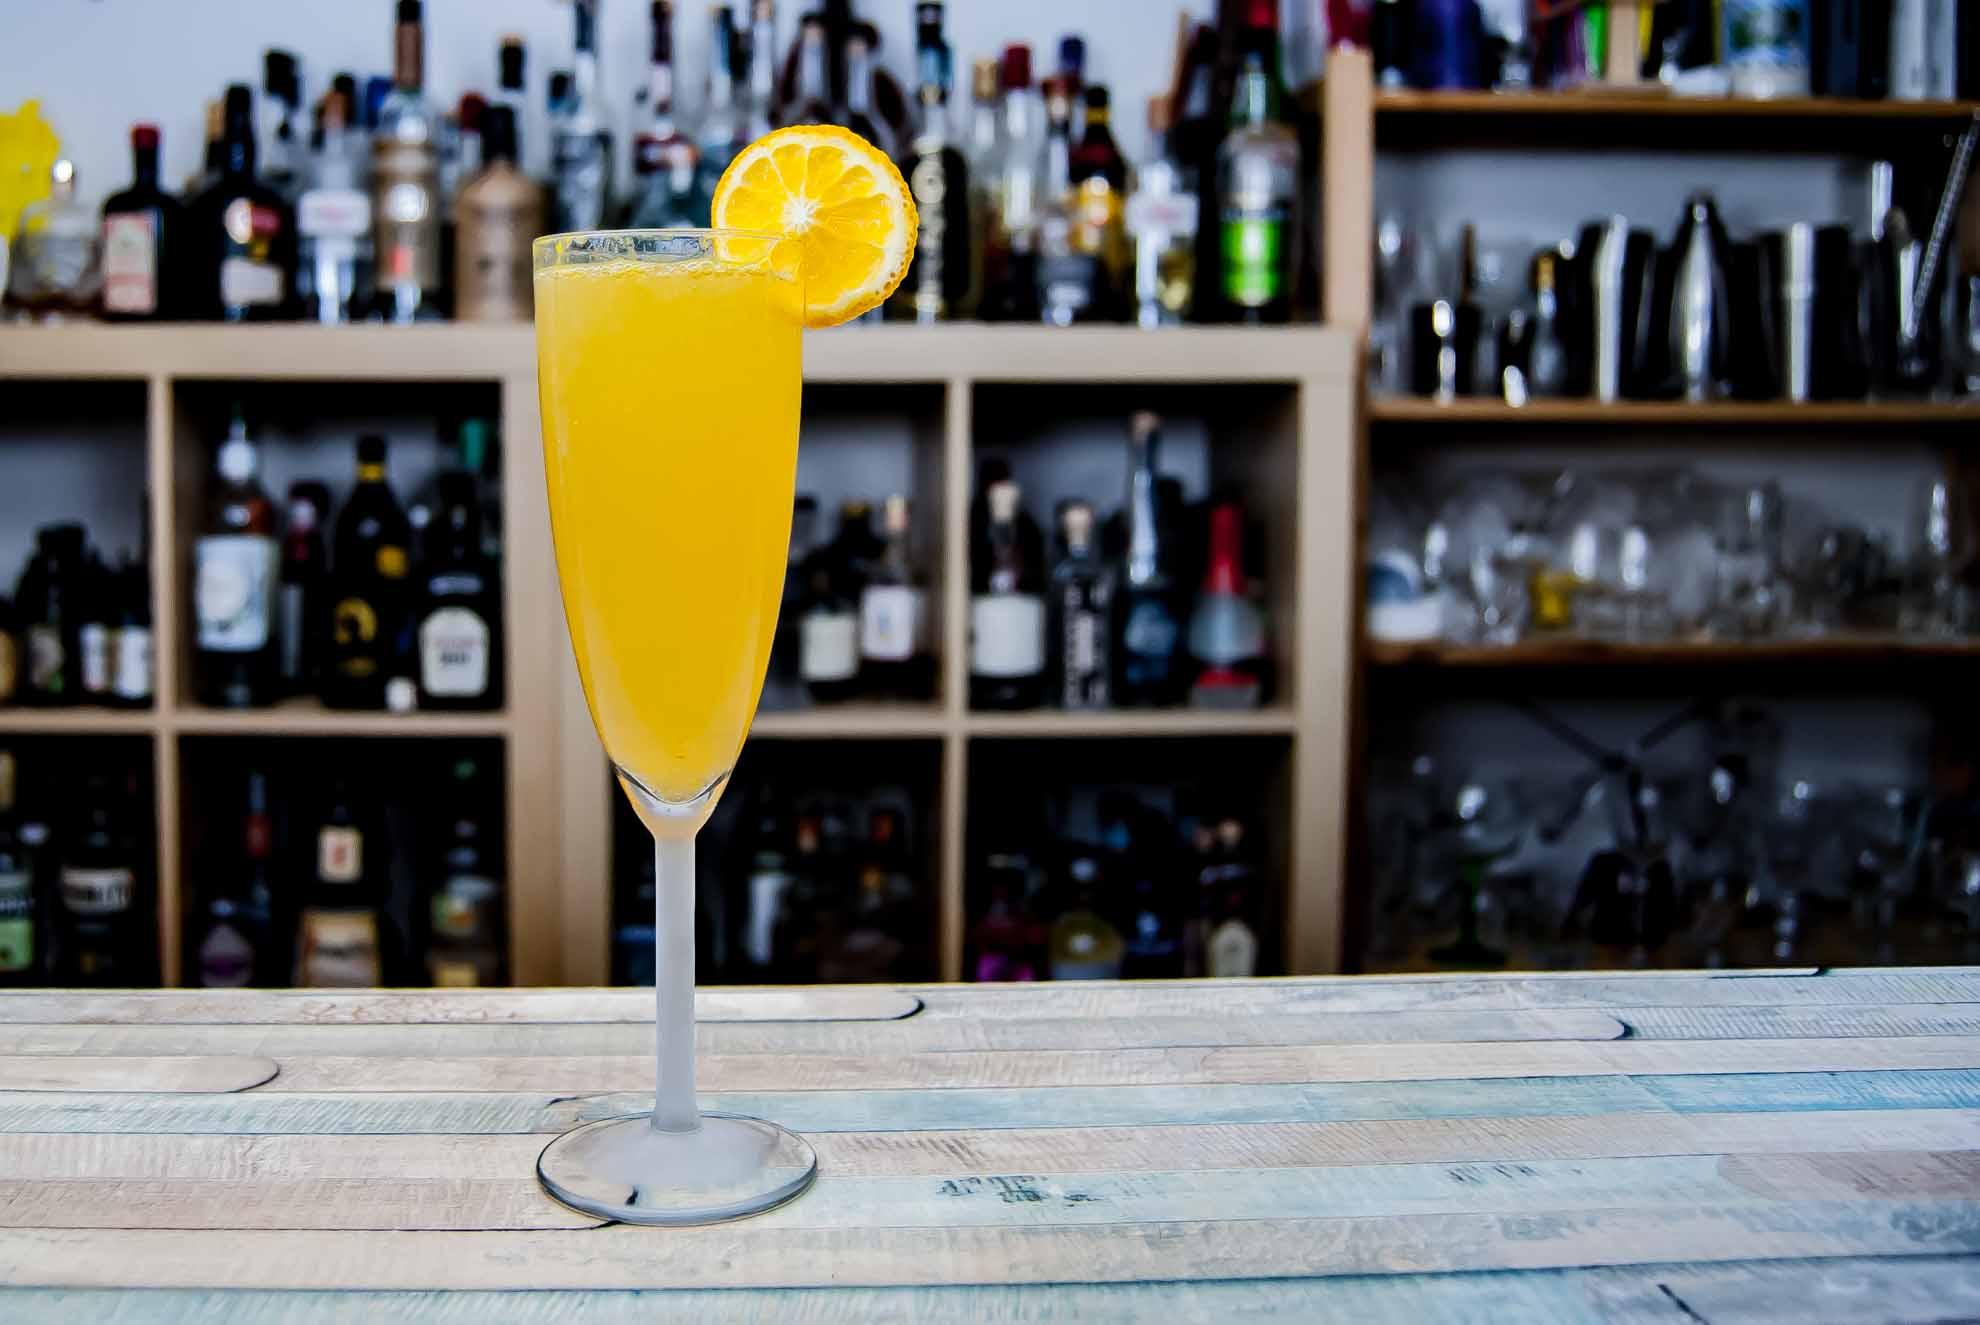 Ein Mimosa-Cocktail aus Orangensaft und Champagner.